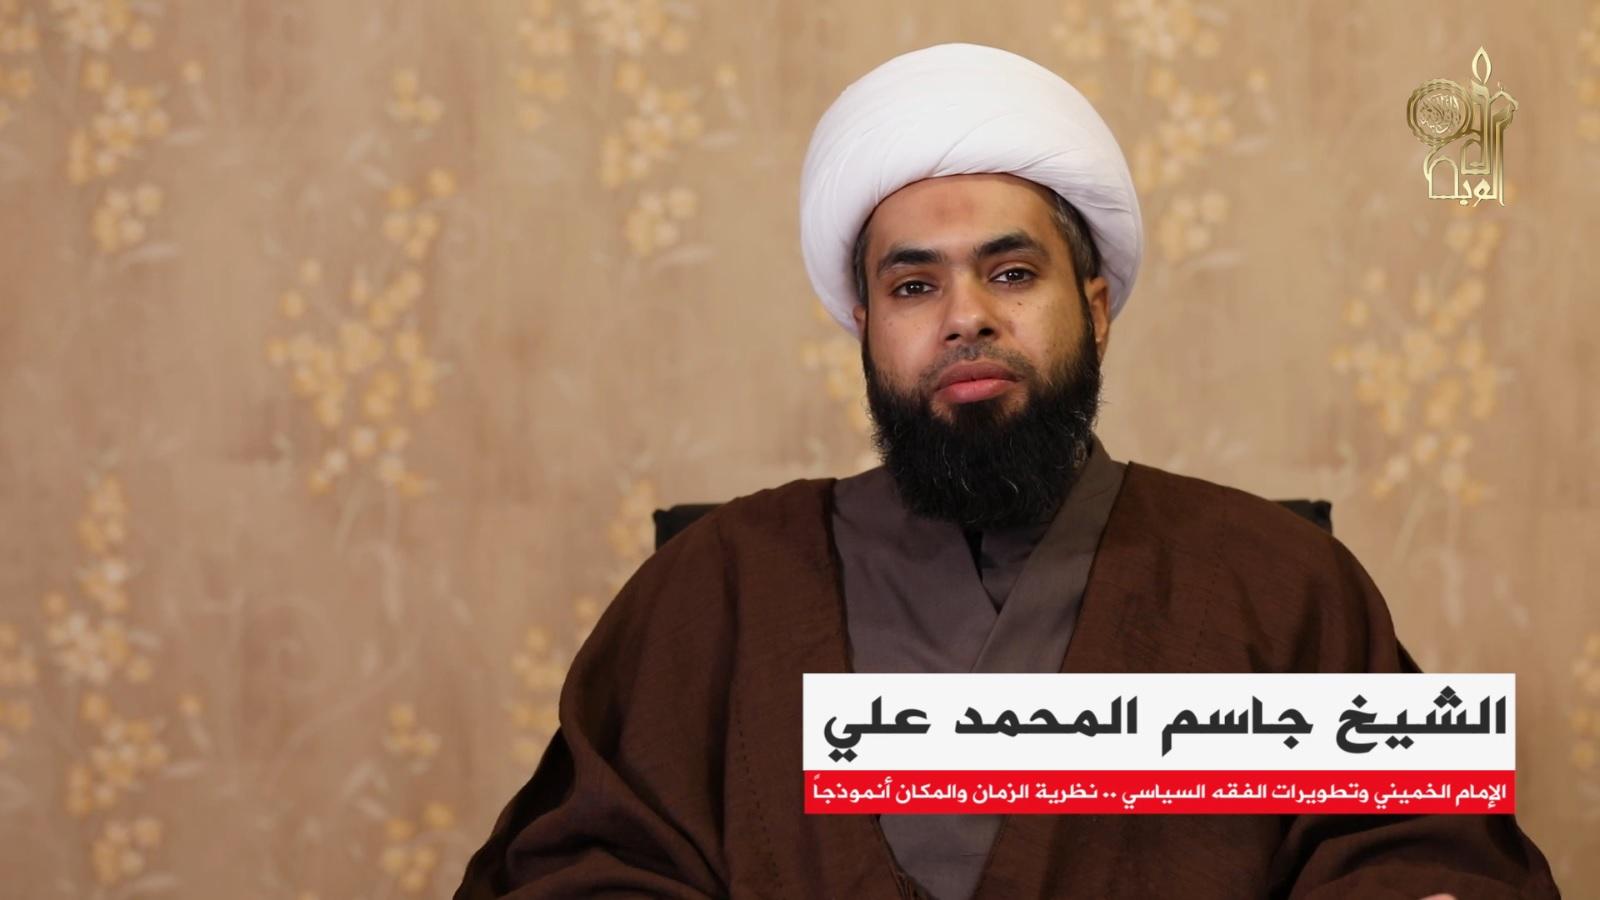 سماحة الشيخ جاسم المحمد علي | الإمام الخميني وتطويرات الفقه السياسي - نظرية الزمان والمكان أنموذجاً